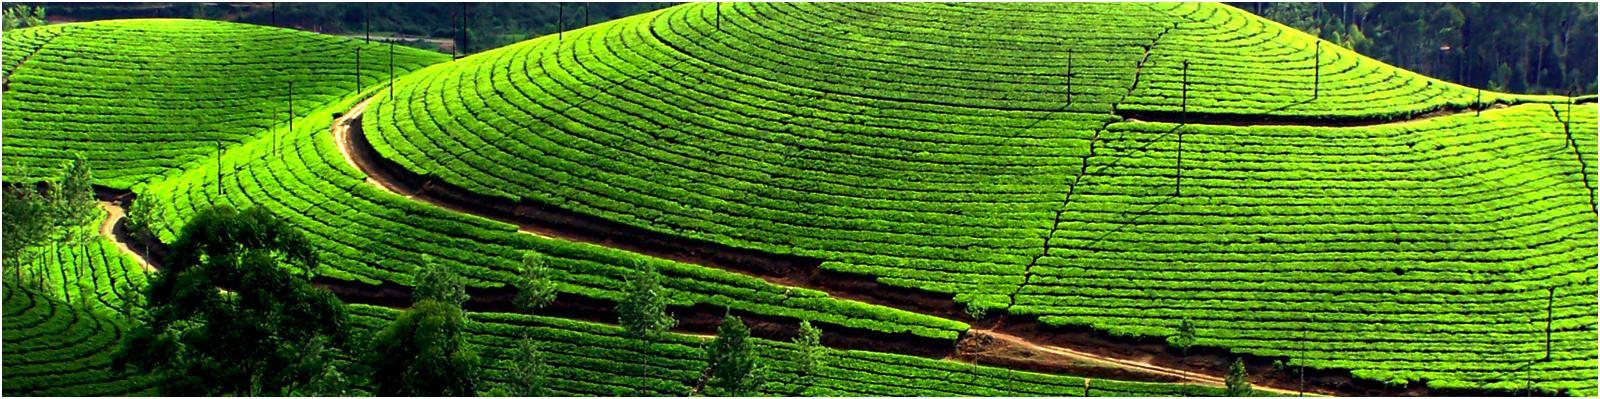 Kodaikanal - Tamil Nadu